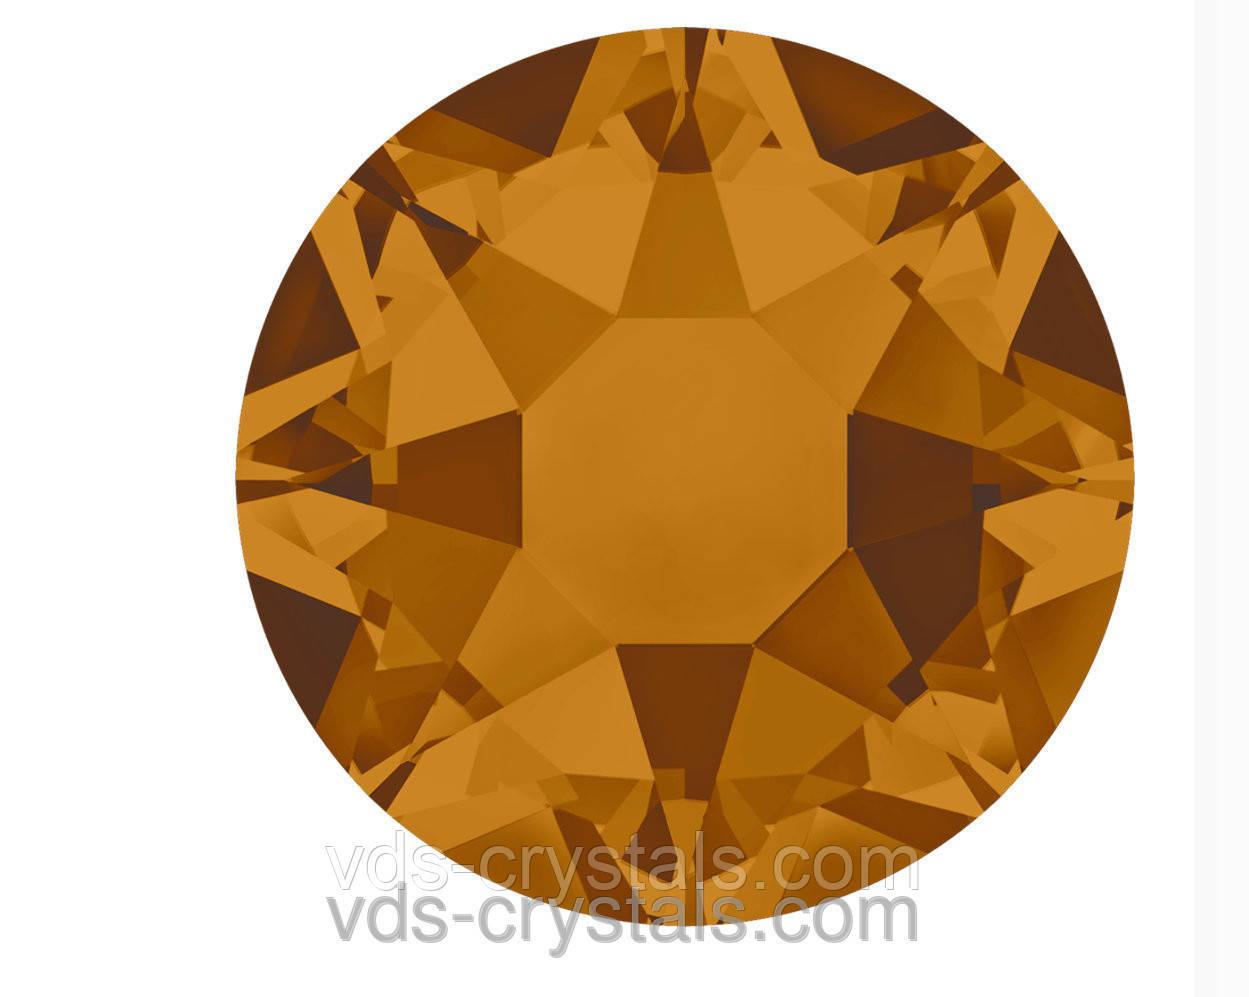 Кристаллы Swarovski клеевые холодной фиксации 2088 Crystal Copper (001 COP) 12ss (упаковка 1440 шт)